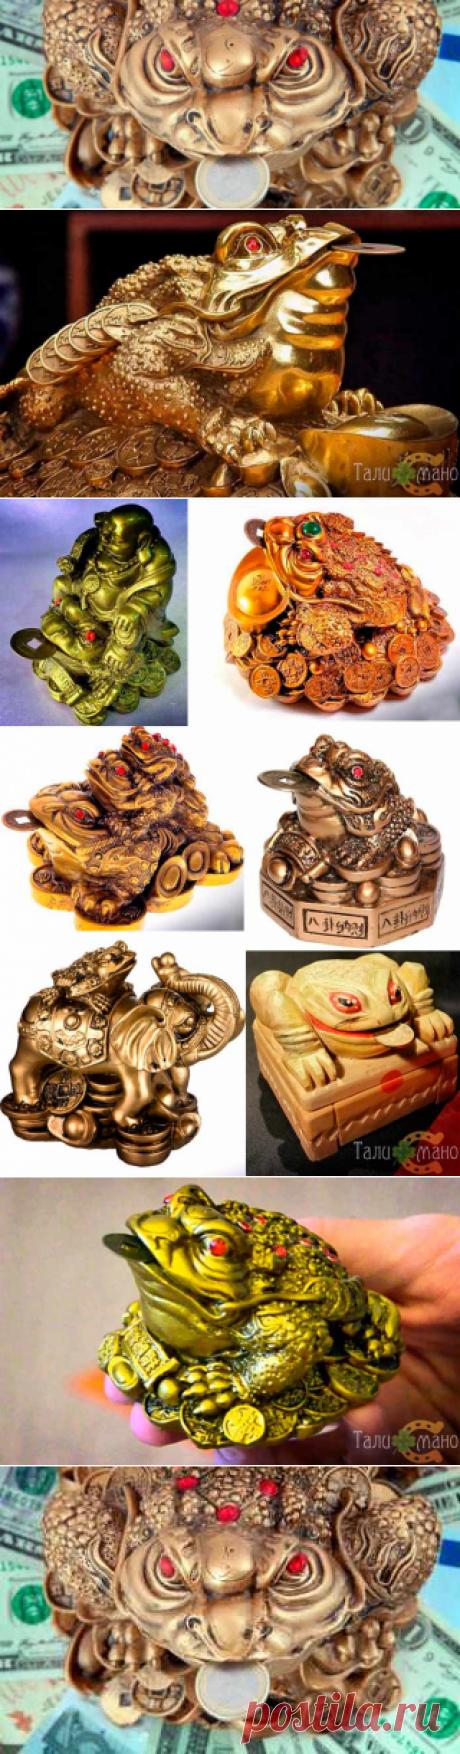 Денежная жаба: что символизирует, виды талисмана, куда ставить